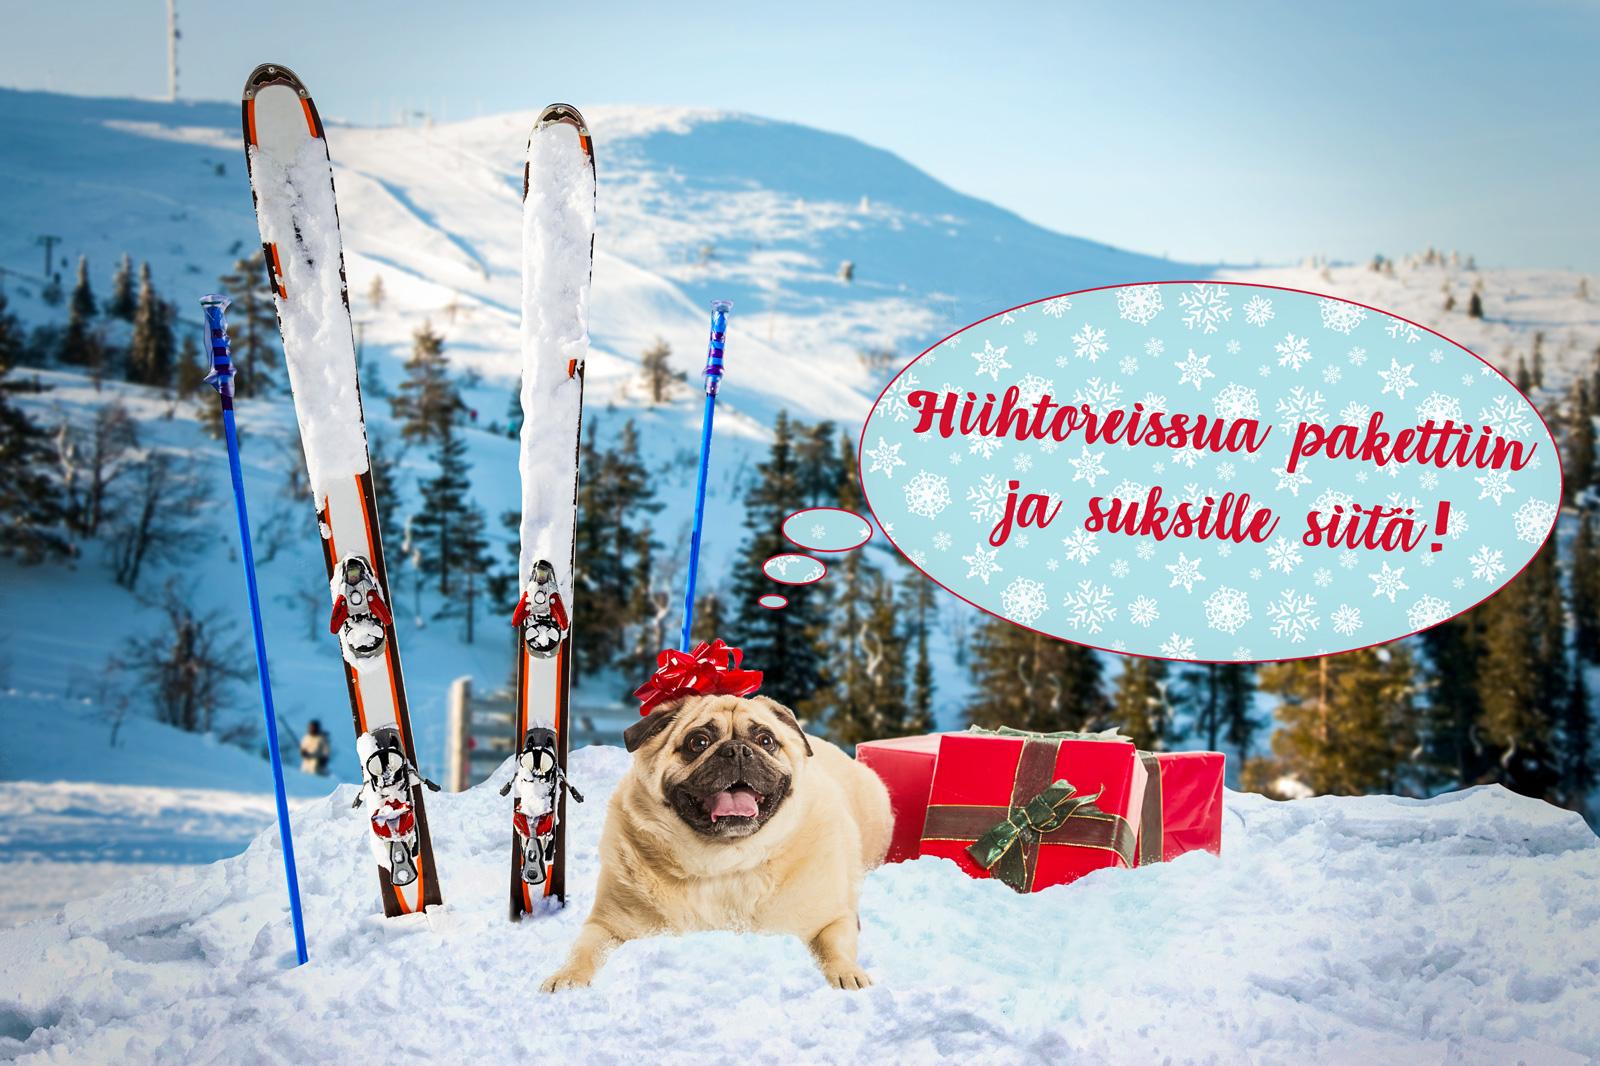 Joulukoira kehoittaa laittamaan hiihtoreissua pakettin ja suksille siitä!